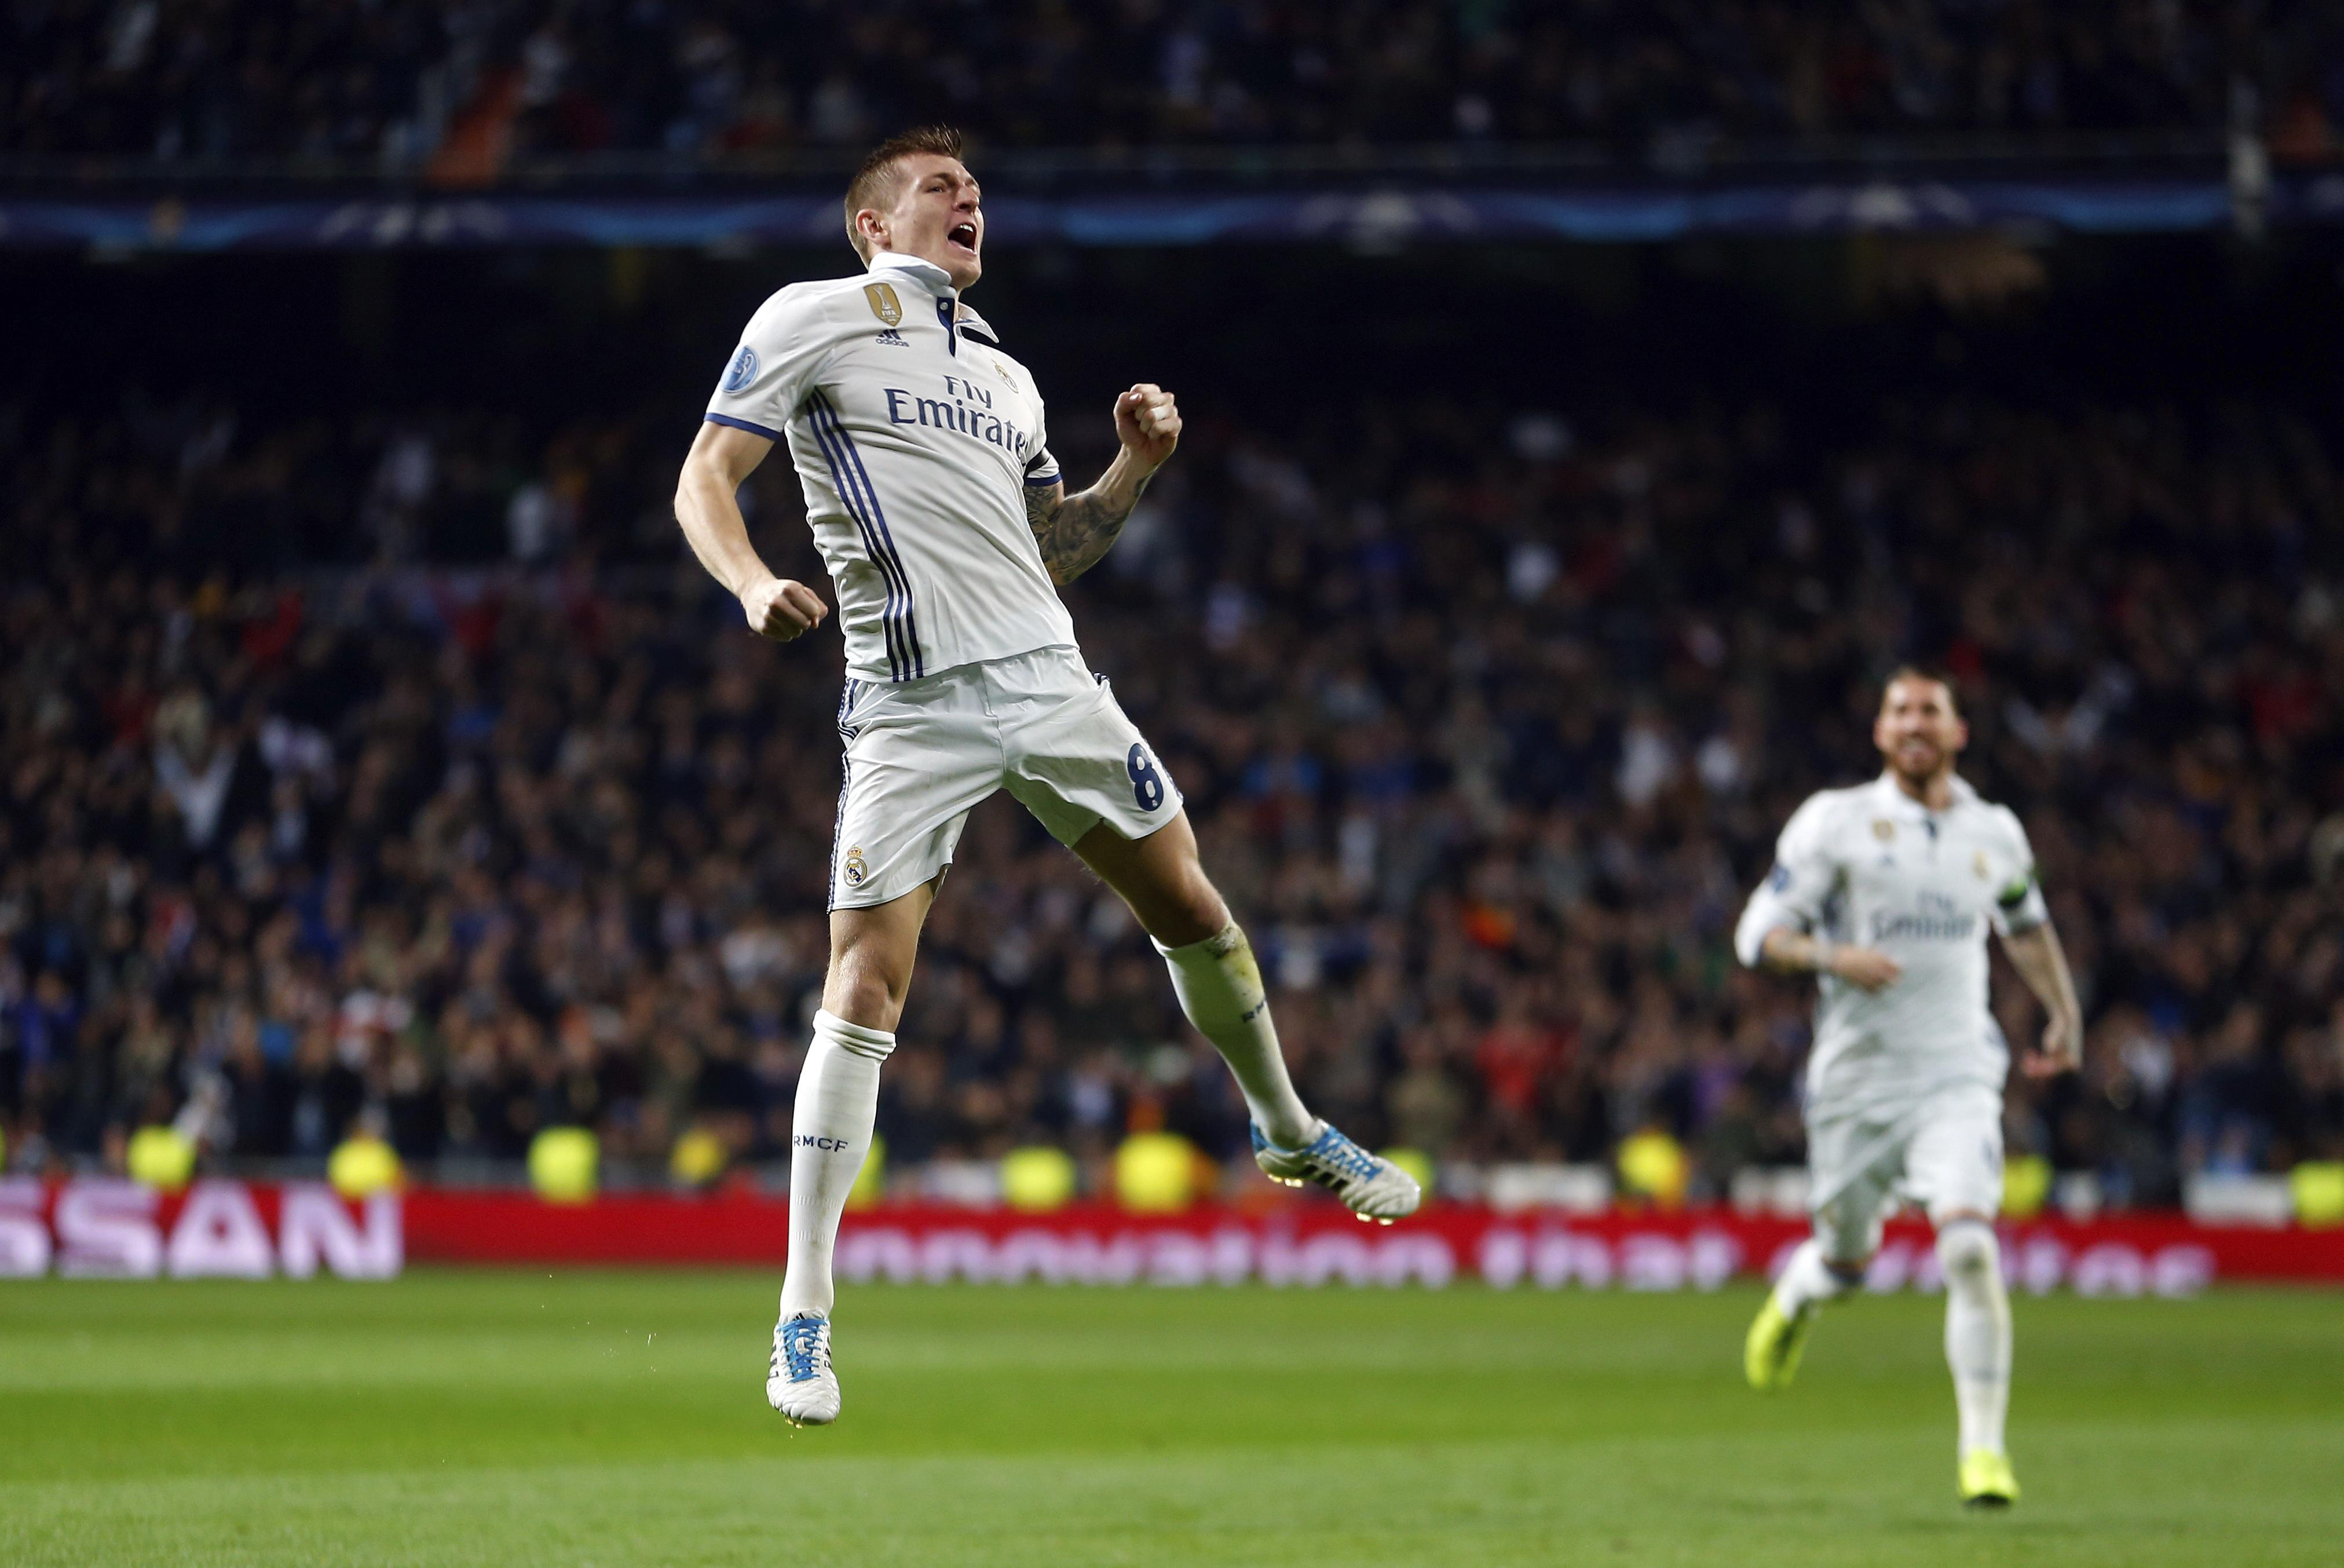 Aptopix_spain_soccer_champions_league_81463